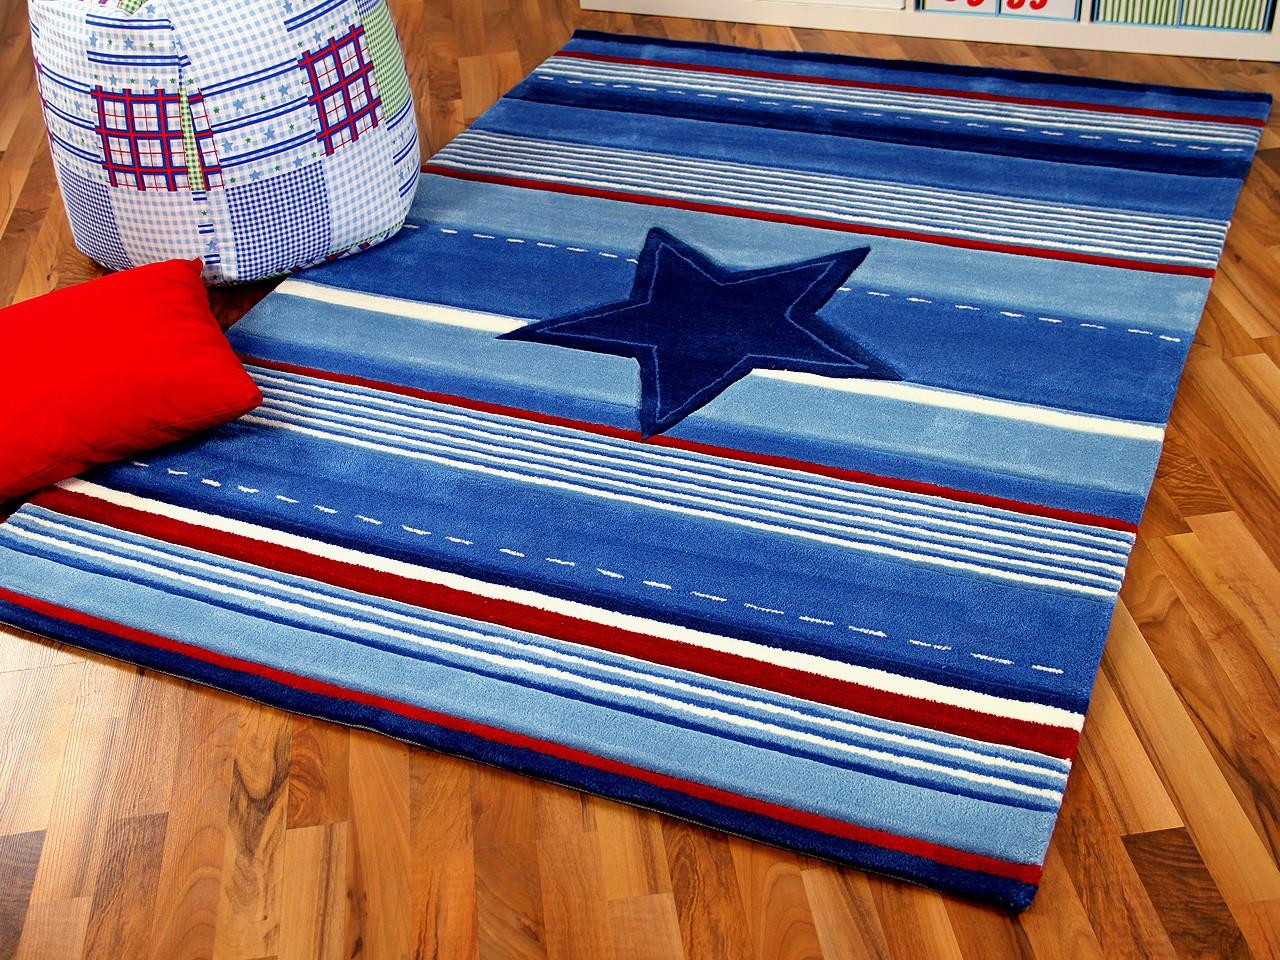 Kinderteppich dunkelblau  Kinderteppich Hellblau Sterne | Haus Deko Ideen